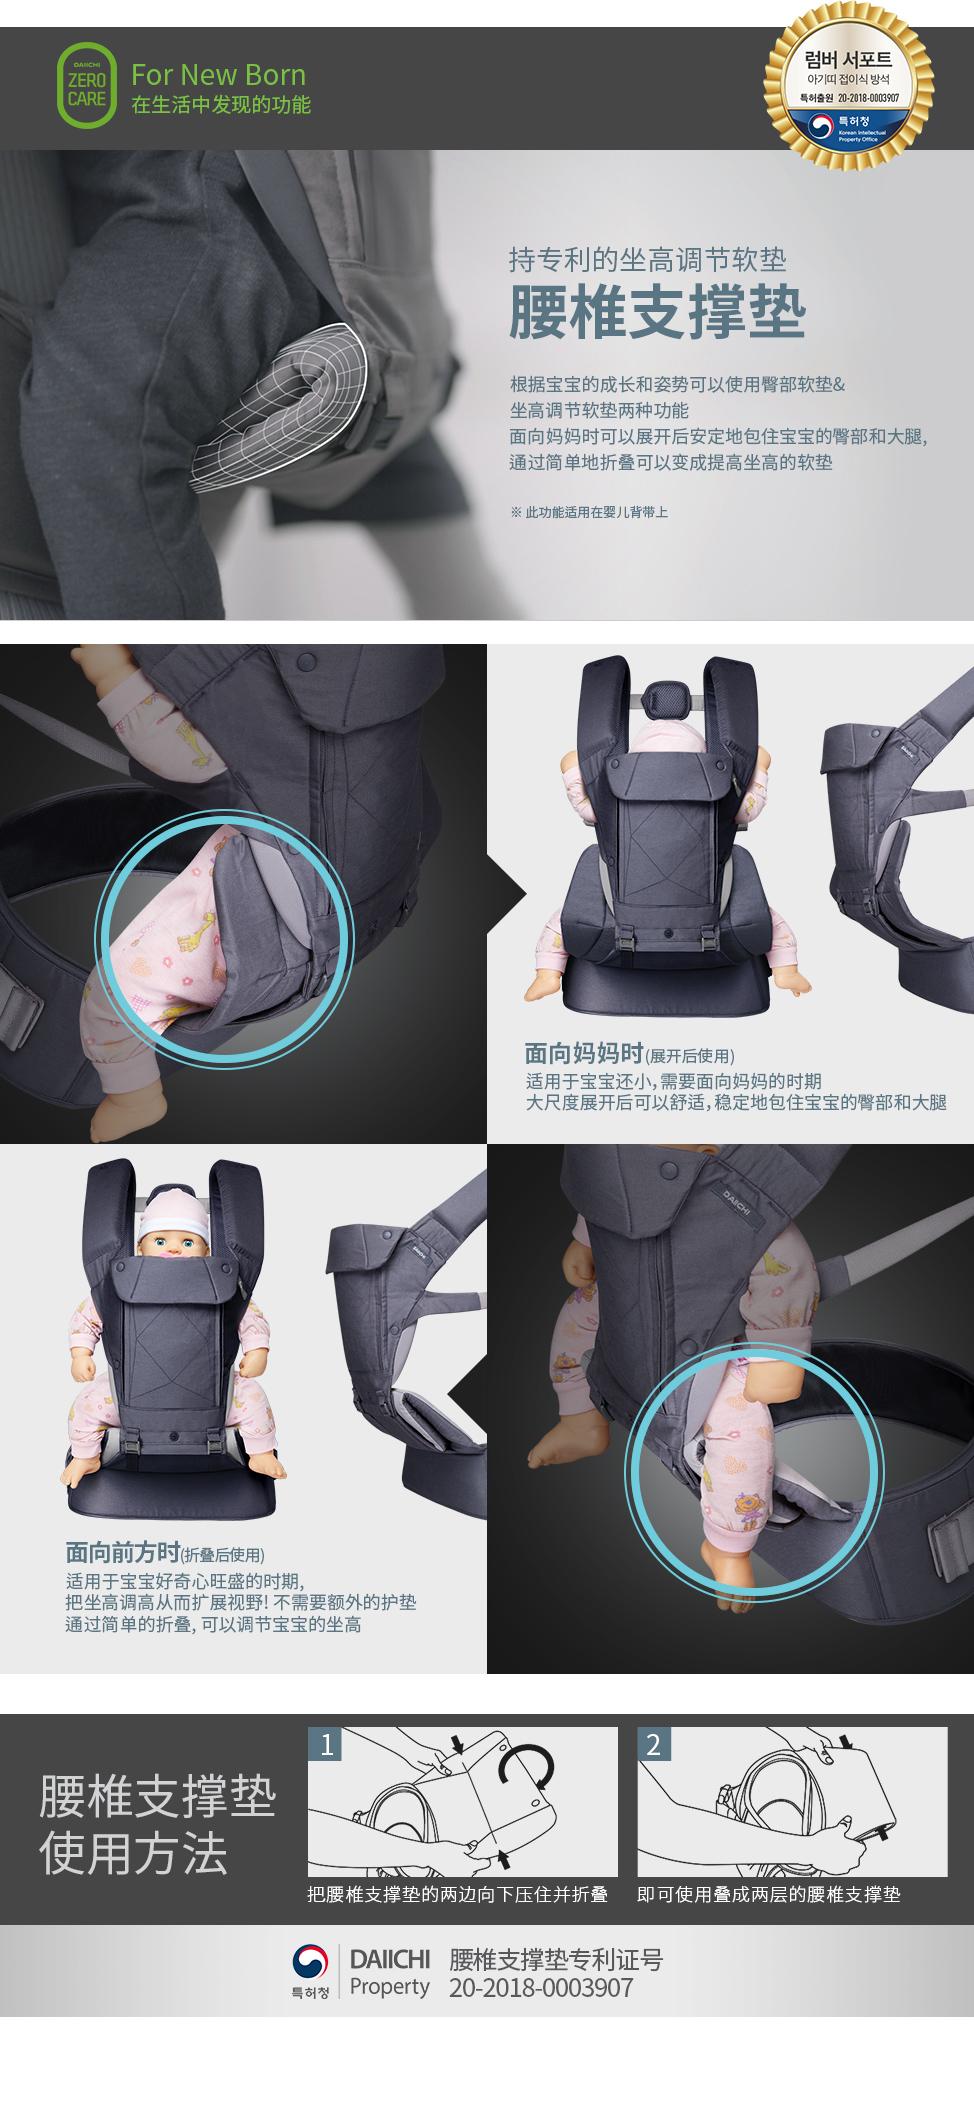 持专利的坐高调节软垫 '腰椎支撑垫' 根据宝宝的成长和姿势可以使用臀部软垫&坐高调节软垫两种功能